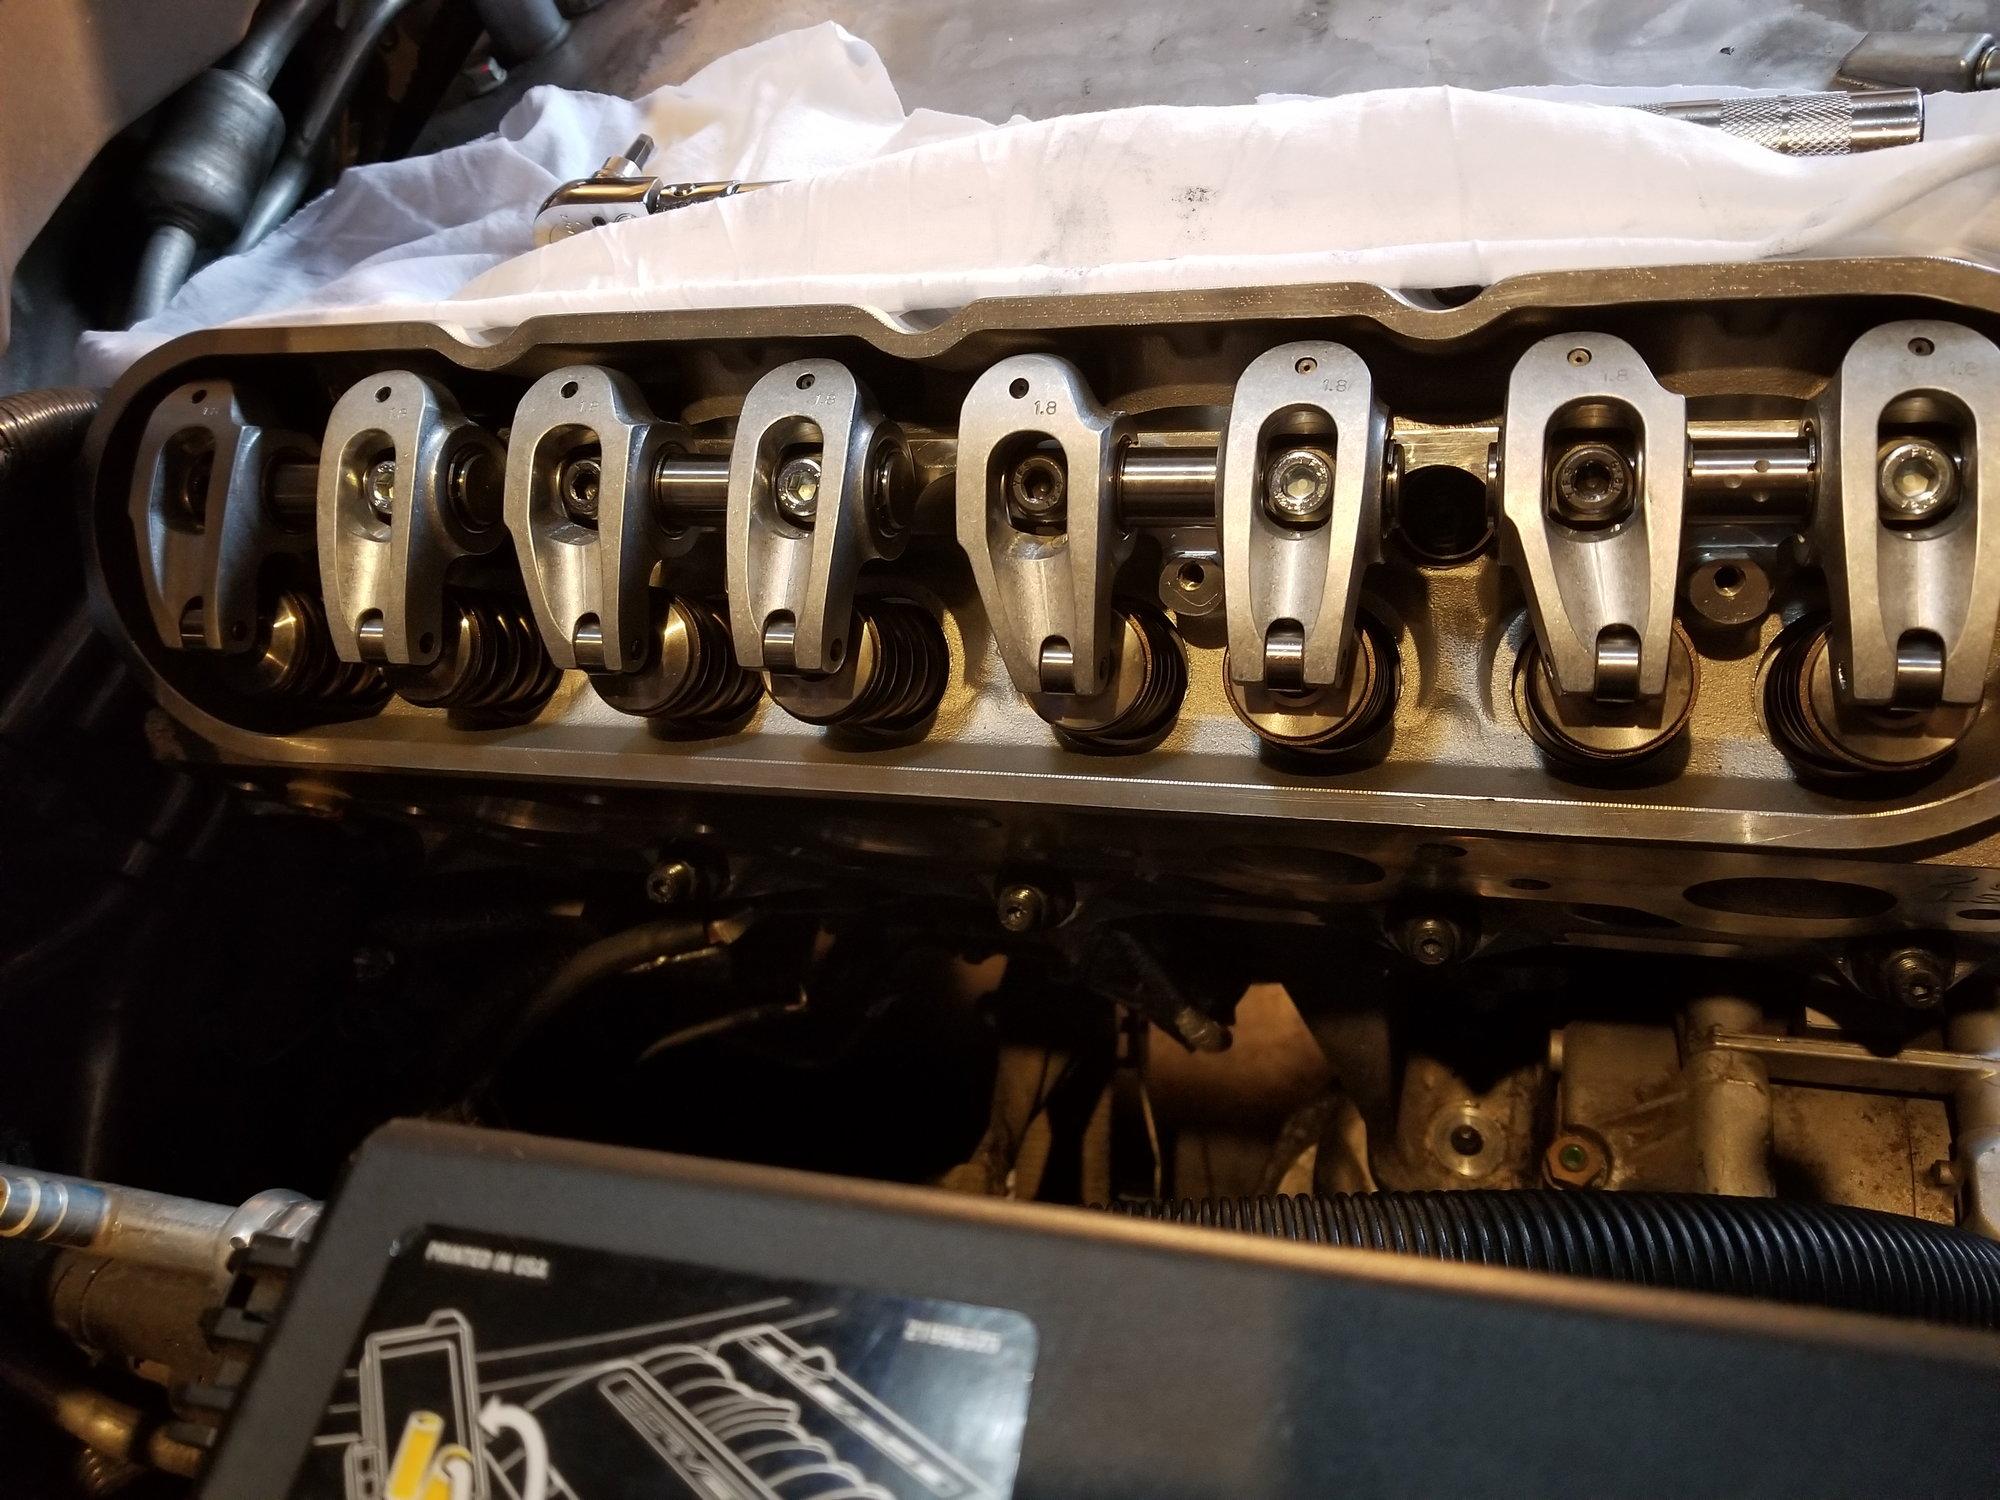 MMS 265 build  640rwhp/542rwtq N/A pump gas 91 octane